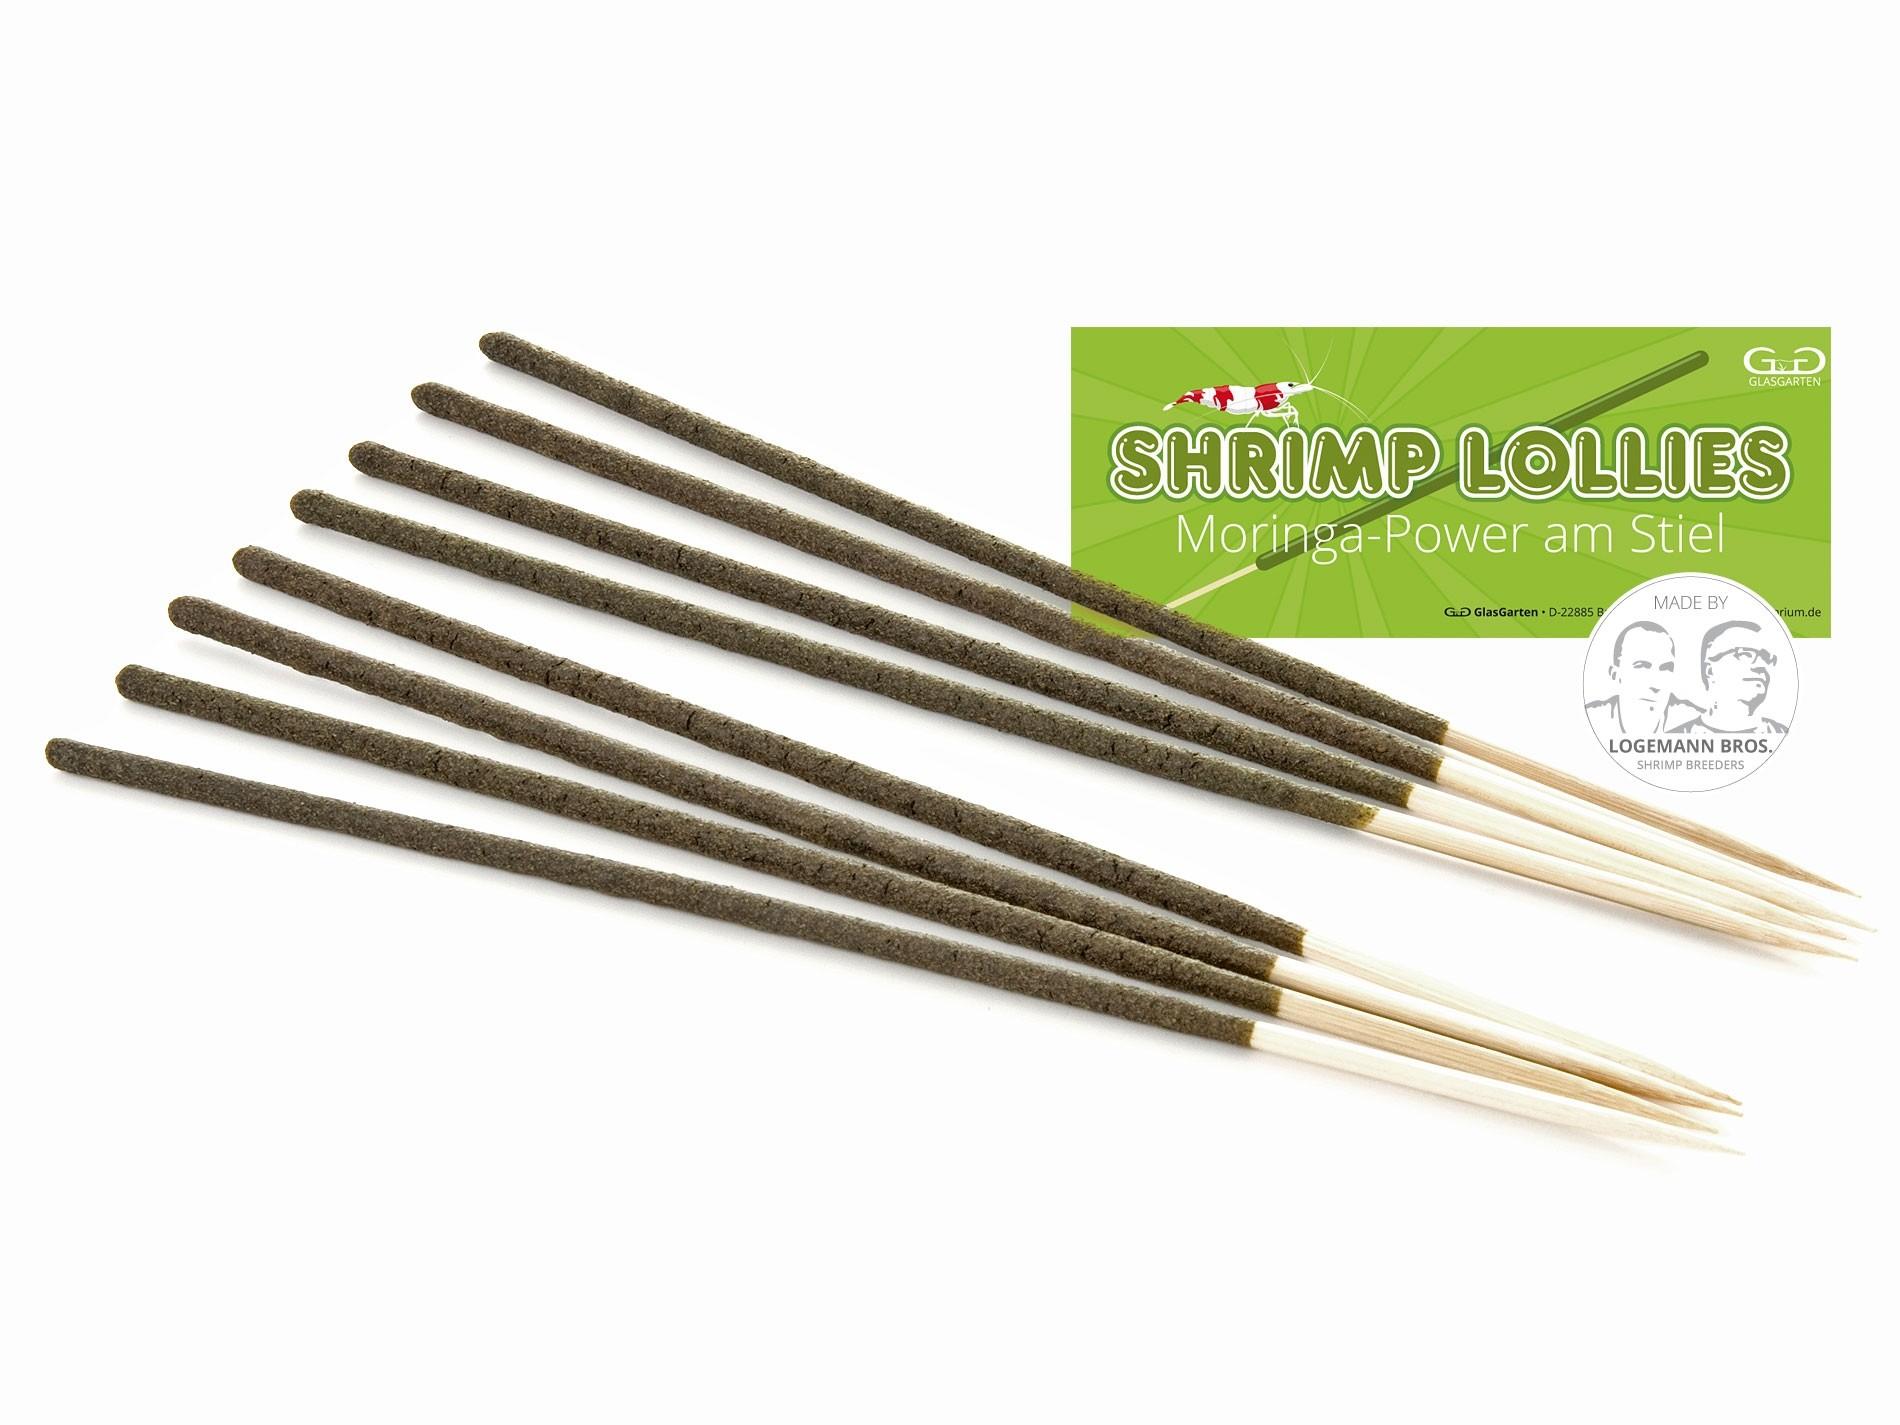 Shrimp Lollies - Moringa Power - GlasGarten